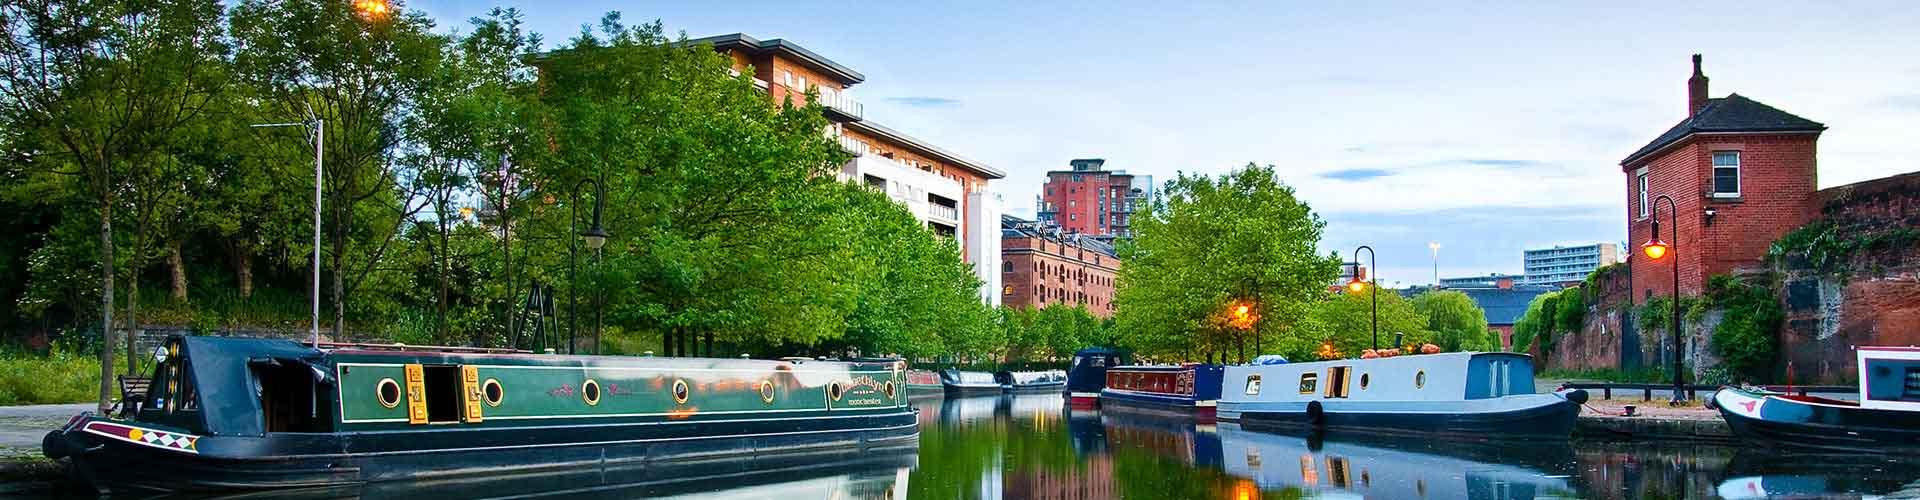 Manchester - Campamentos en el distrito Lower Crumpsall. Mapas de Manchester, Fotos y comentarios de cada Campamento en Manchester.